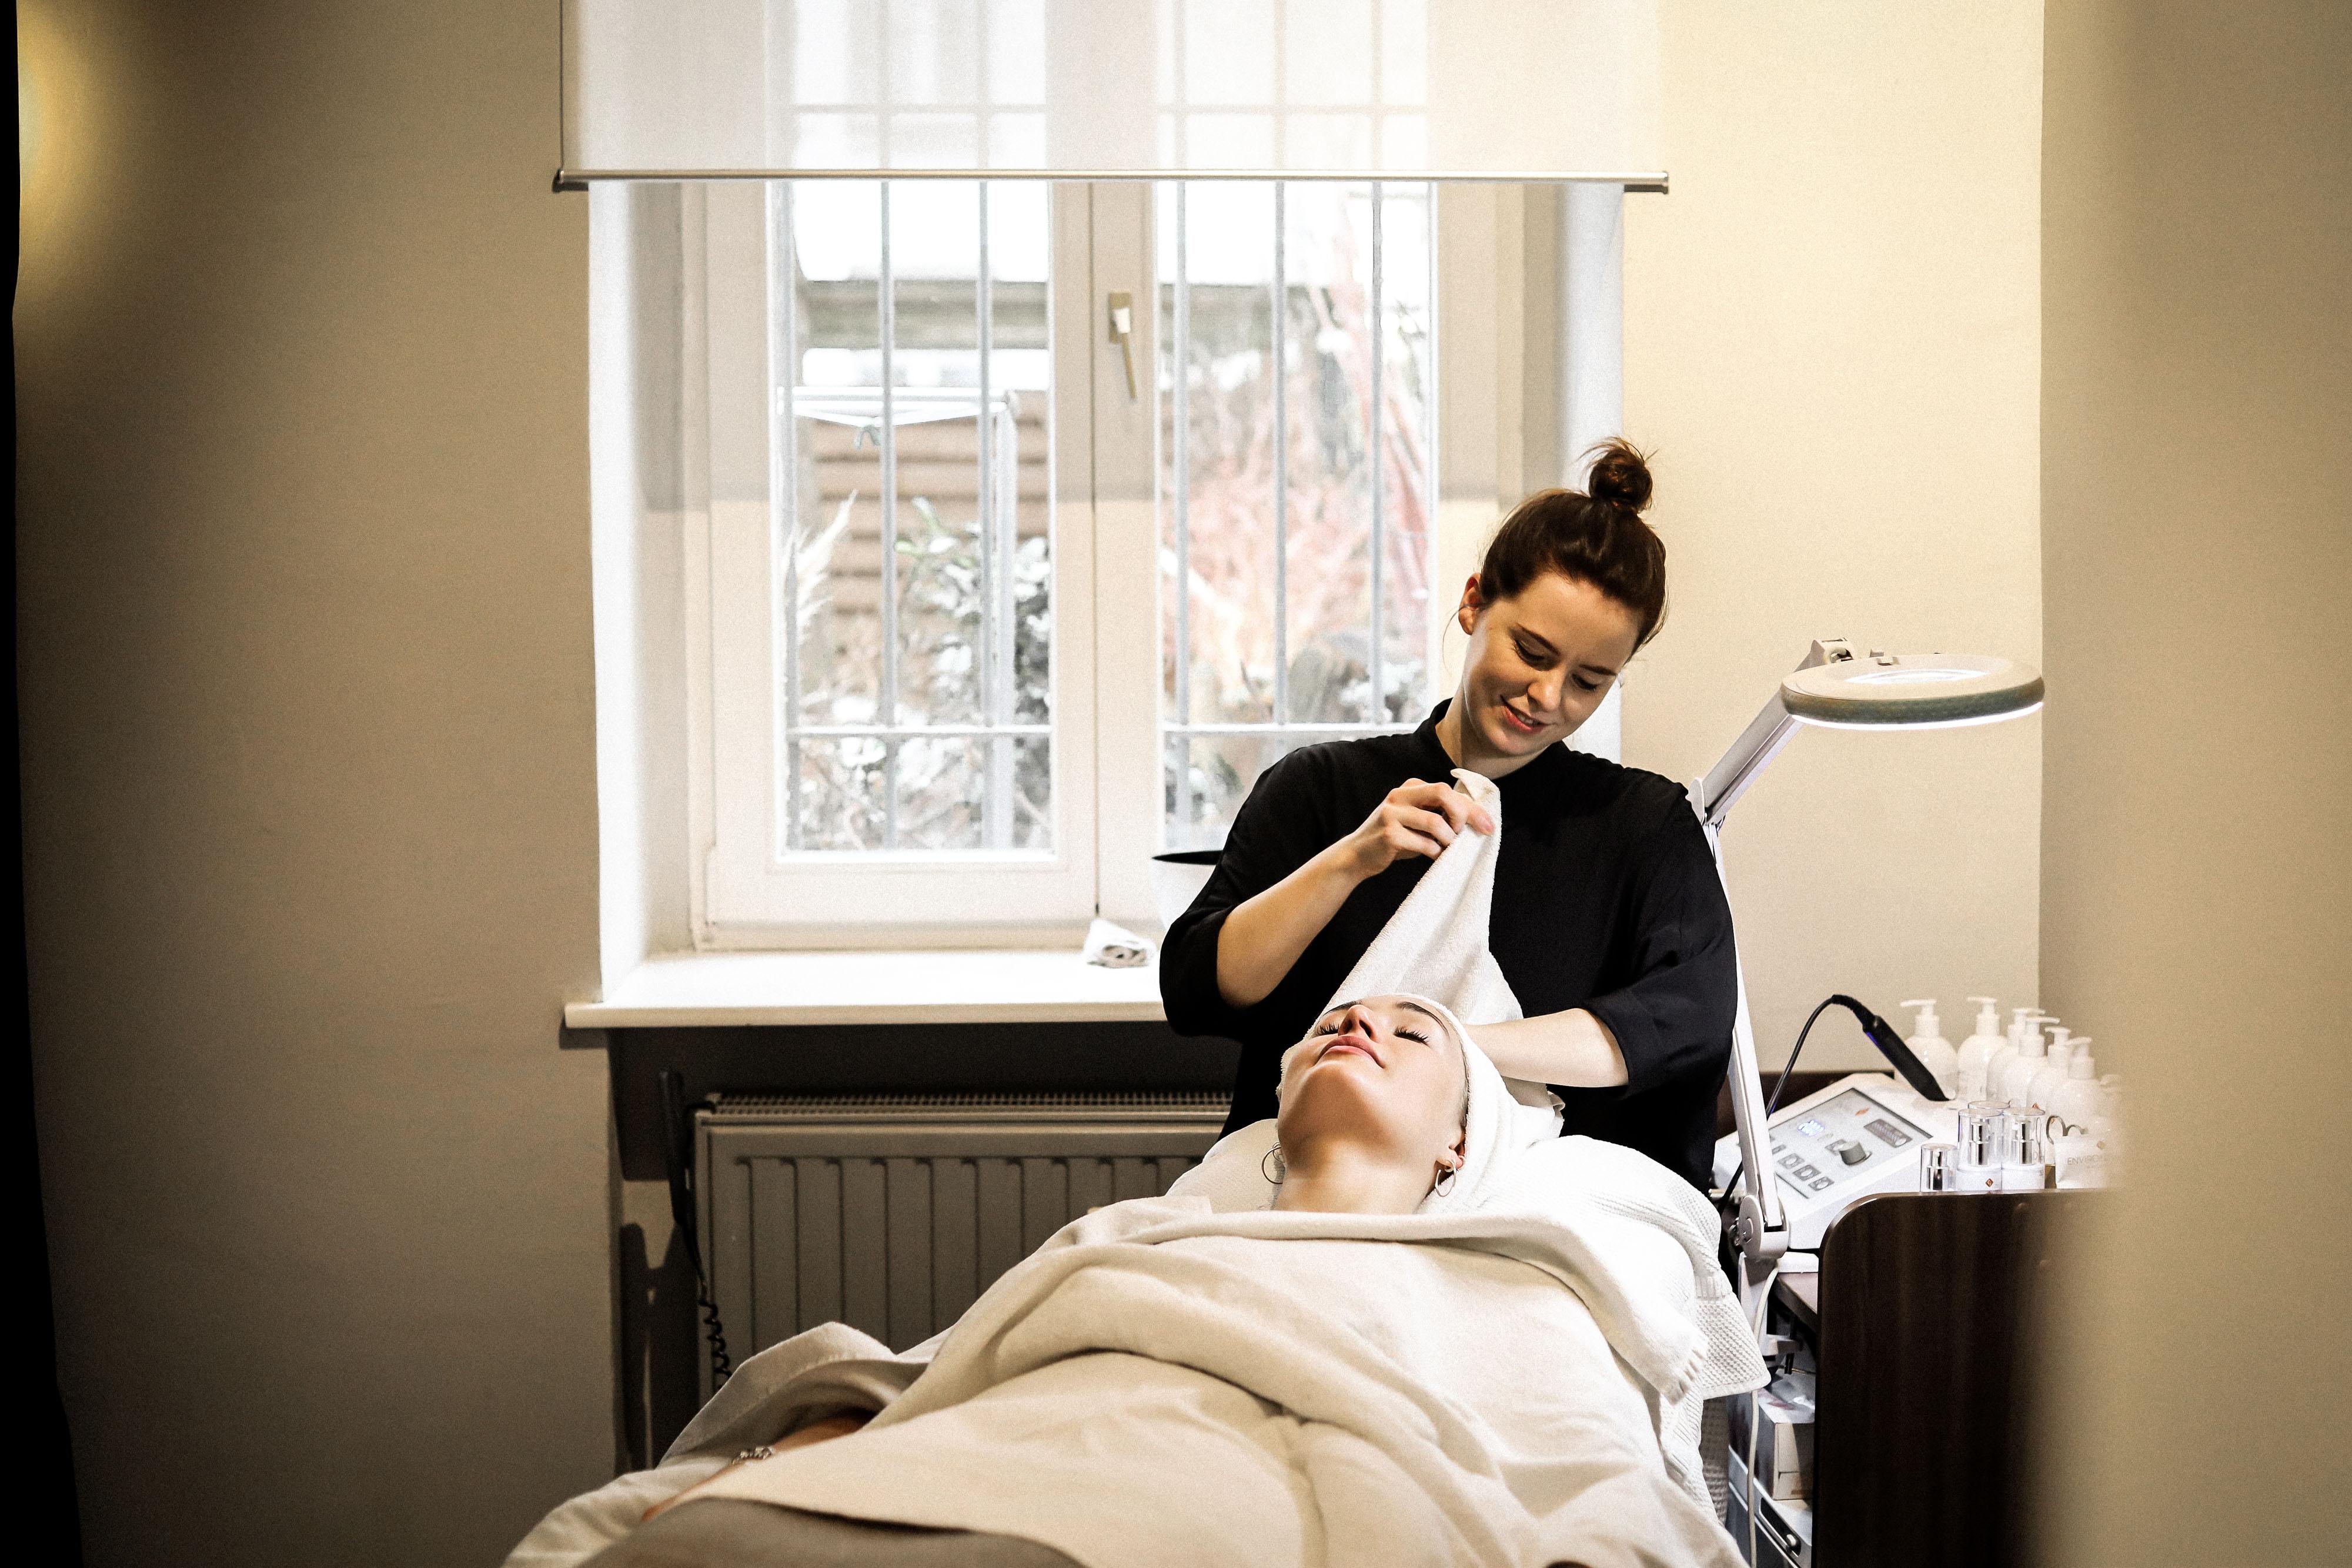 Lauralamode Treatwell Beauty Skin Skincare App Beauty App Face Skincare Salon Emma Gesichtsbehandlung Ultraschall Ausreinigung Beauty Blogger Berlin Spring